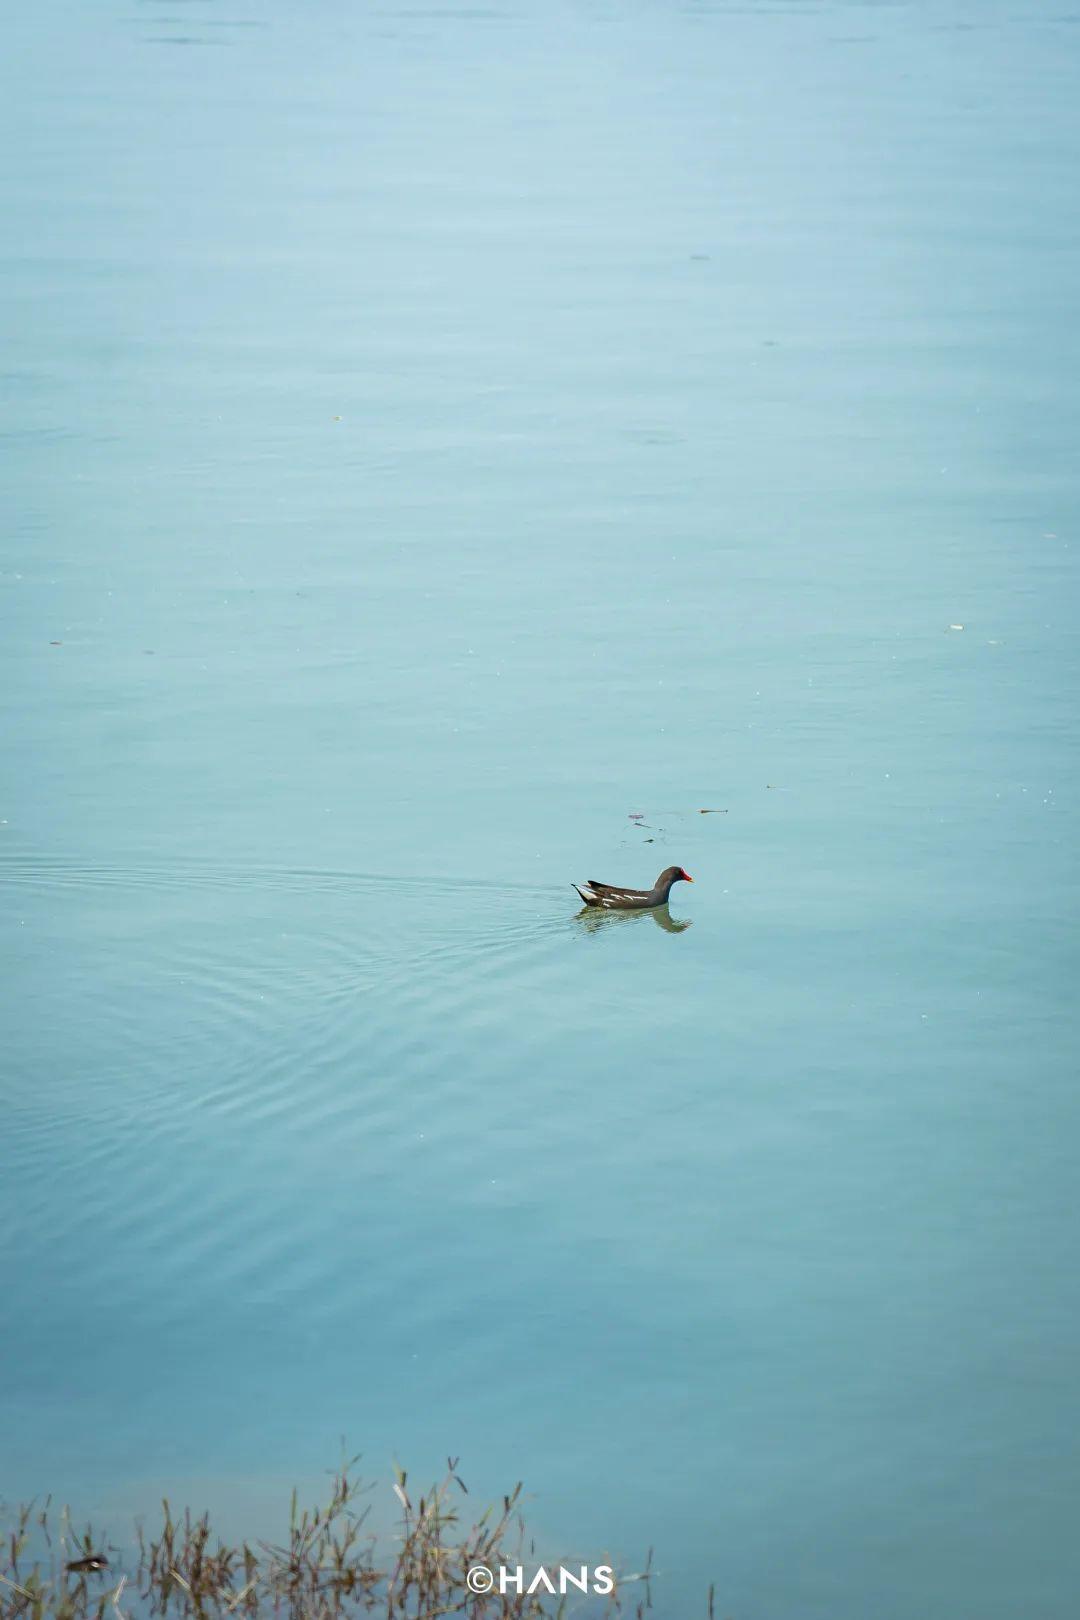 误入东湖神仙小岛,渔民打工仔和英国人一起躺平晒太阳